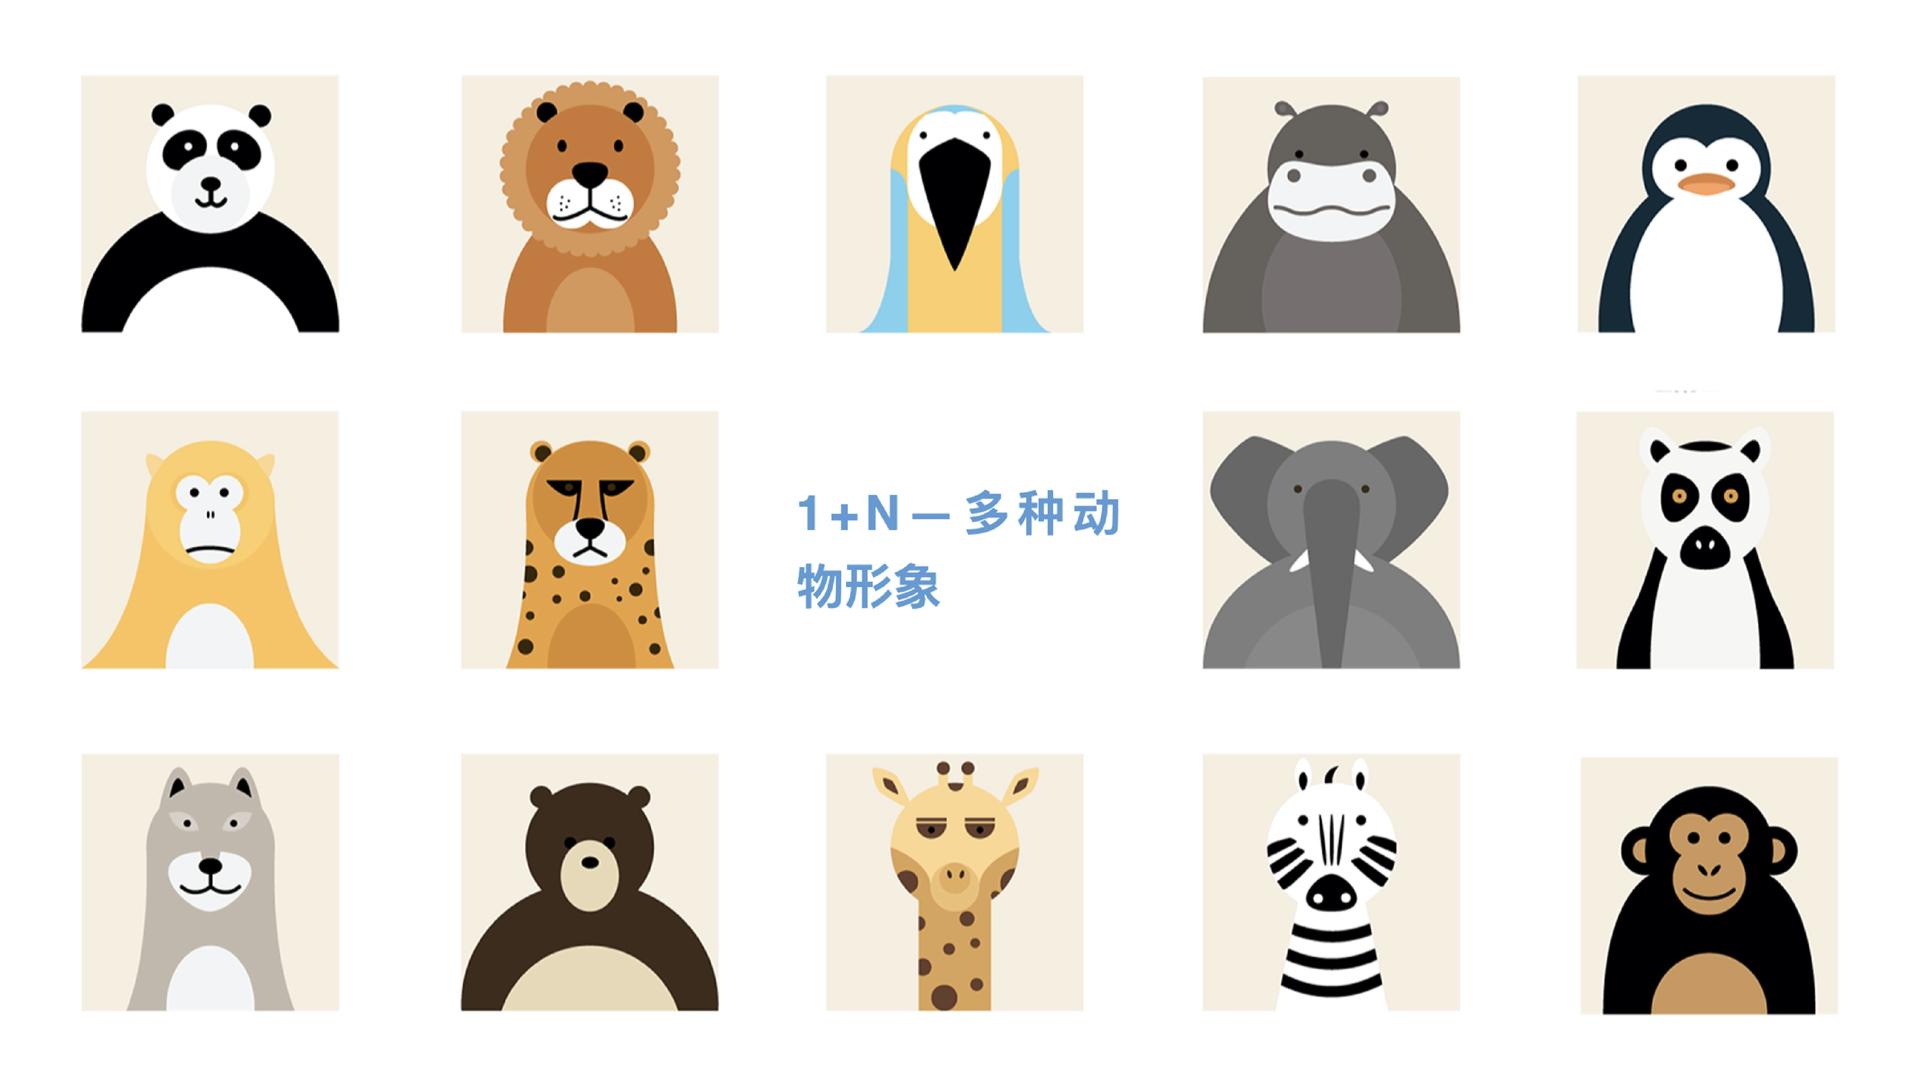 【公司-企业介绍】达岸品牌营销机构20200526.046